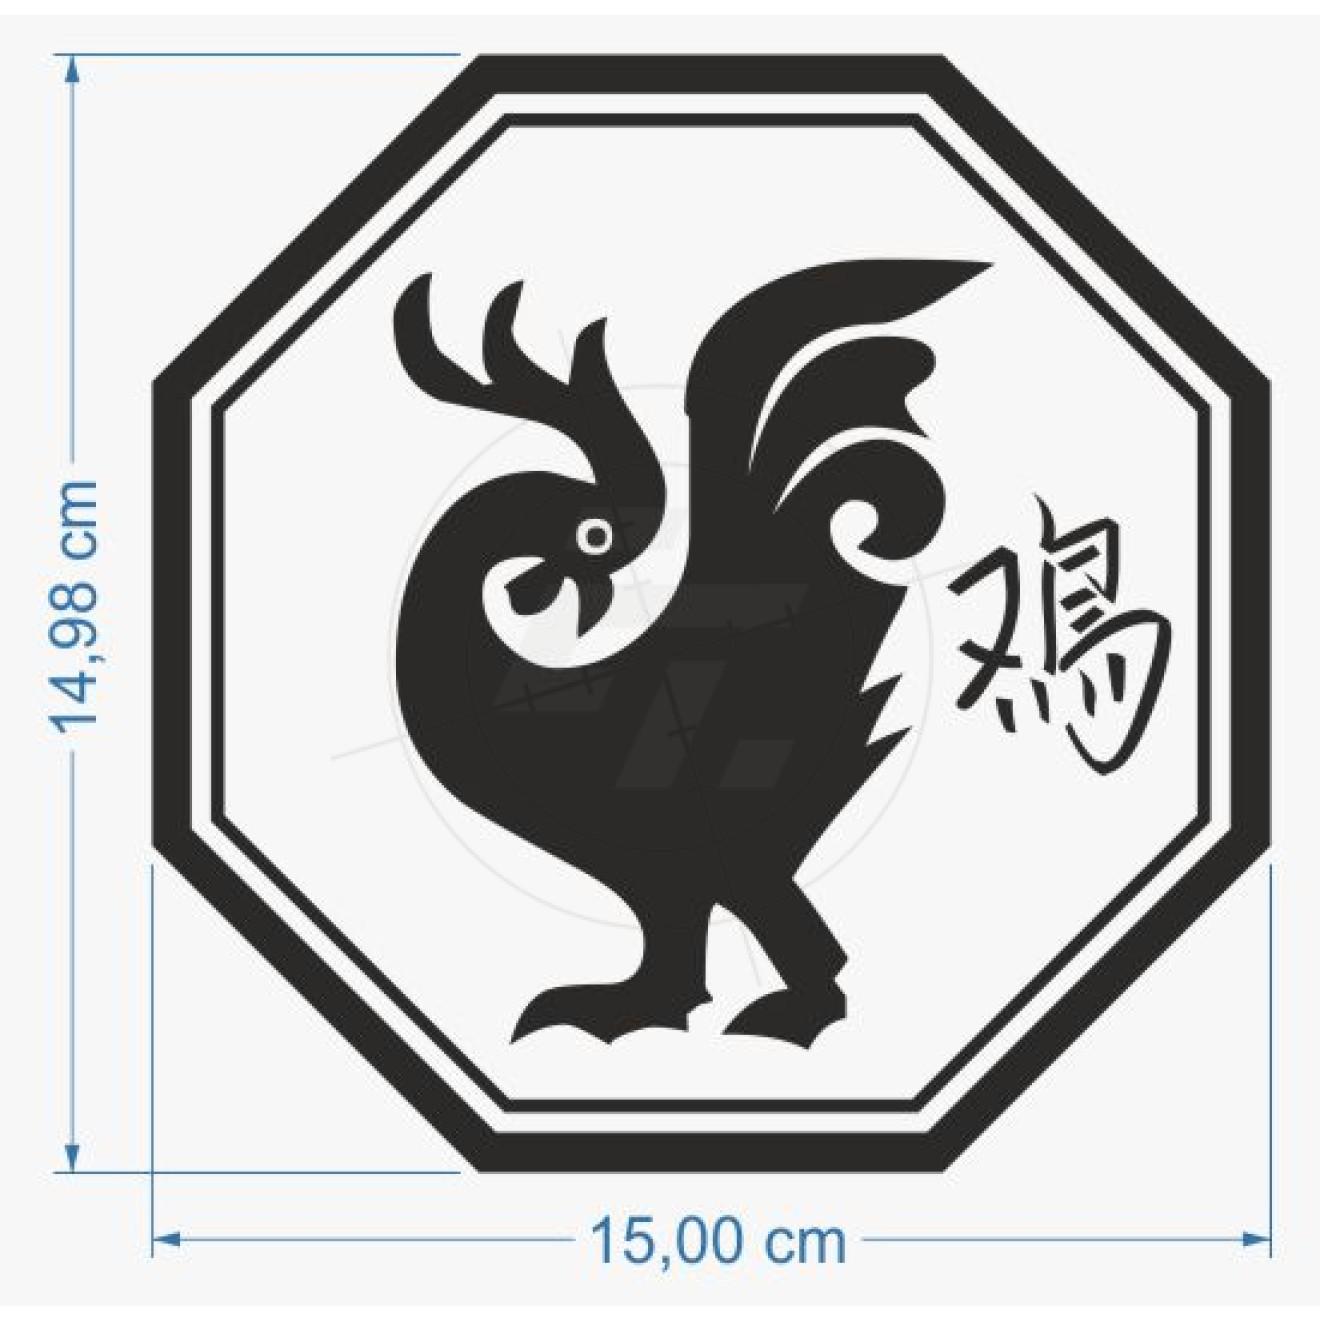 huhn hahn chinesisches horoskop tierkreiszeichen mit tiersymbol. Black Bedroom Furniture Sets. Home Design Ideas